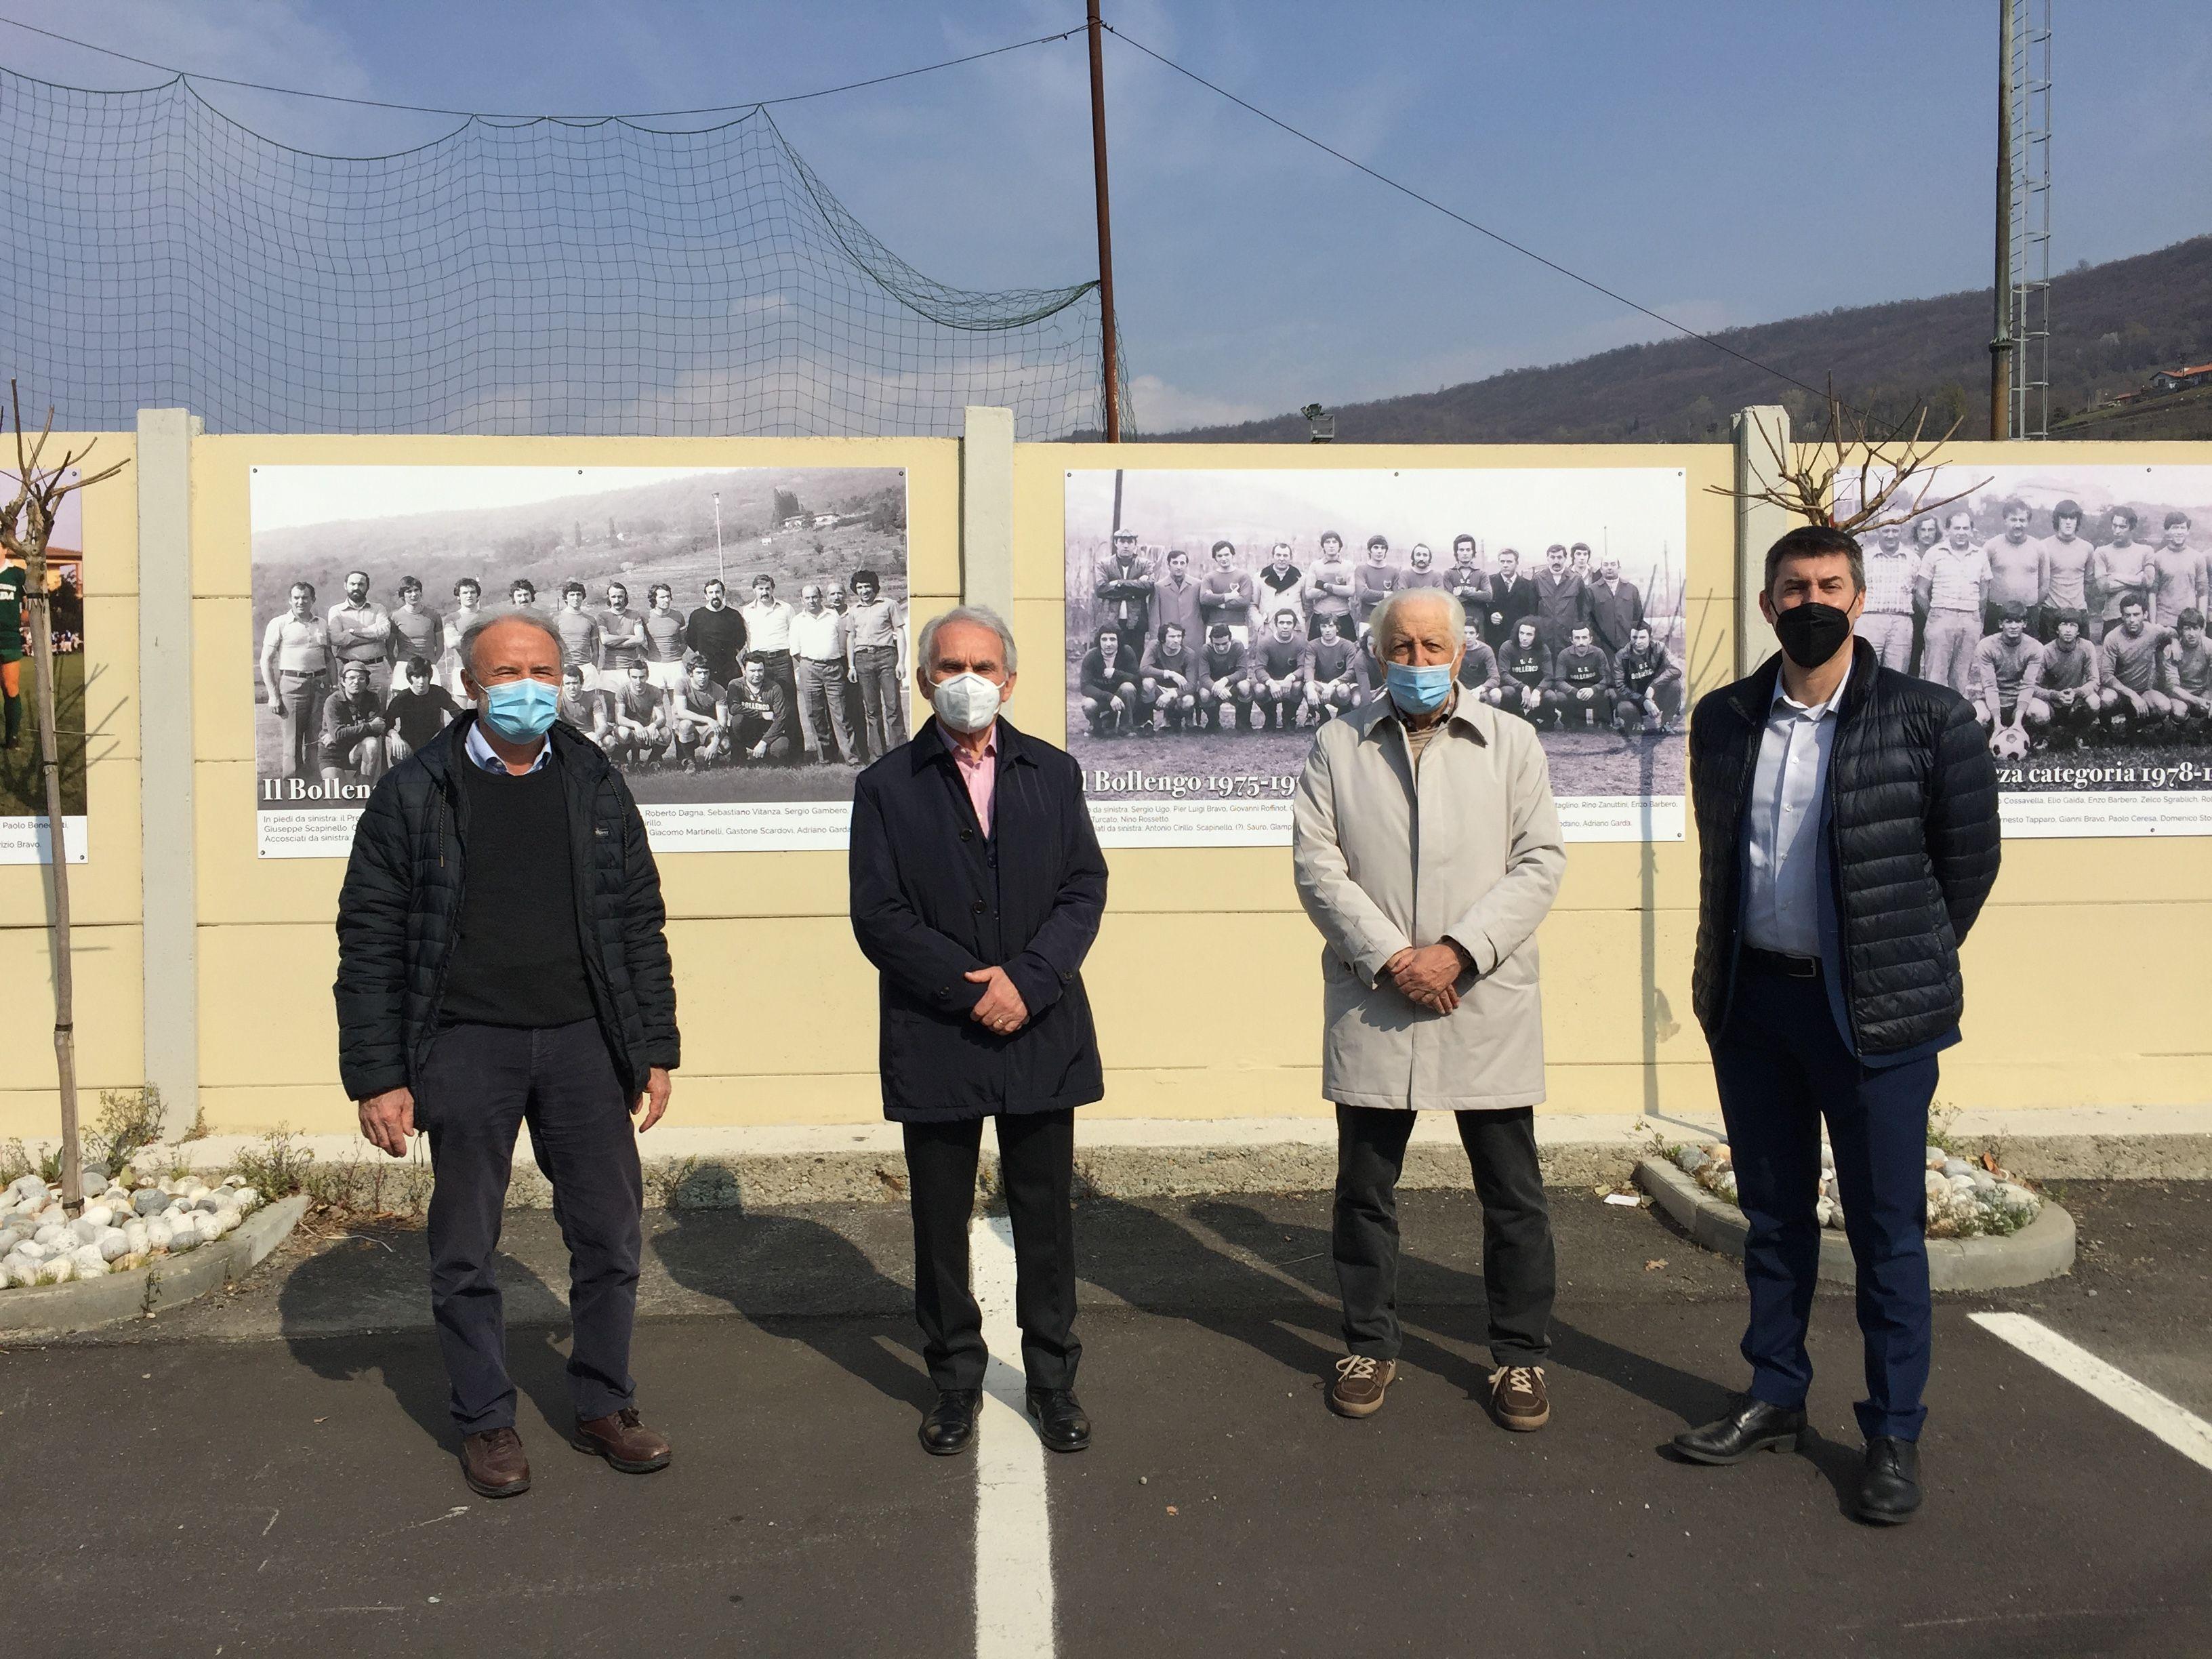 CALCIO - La storia del Bollengo nelle gigantografie sui muri dello stadio - FOTO